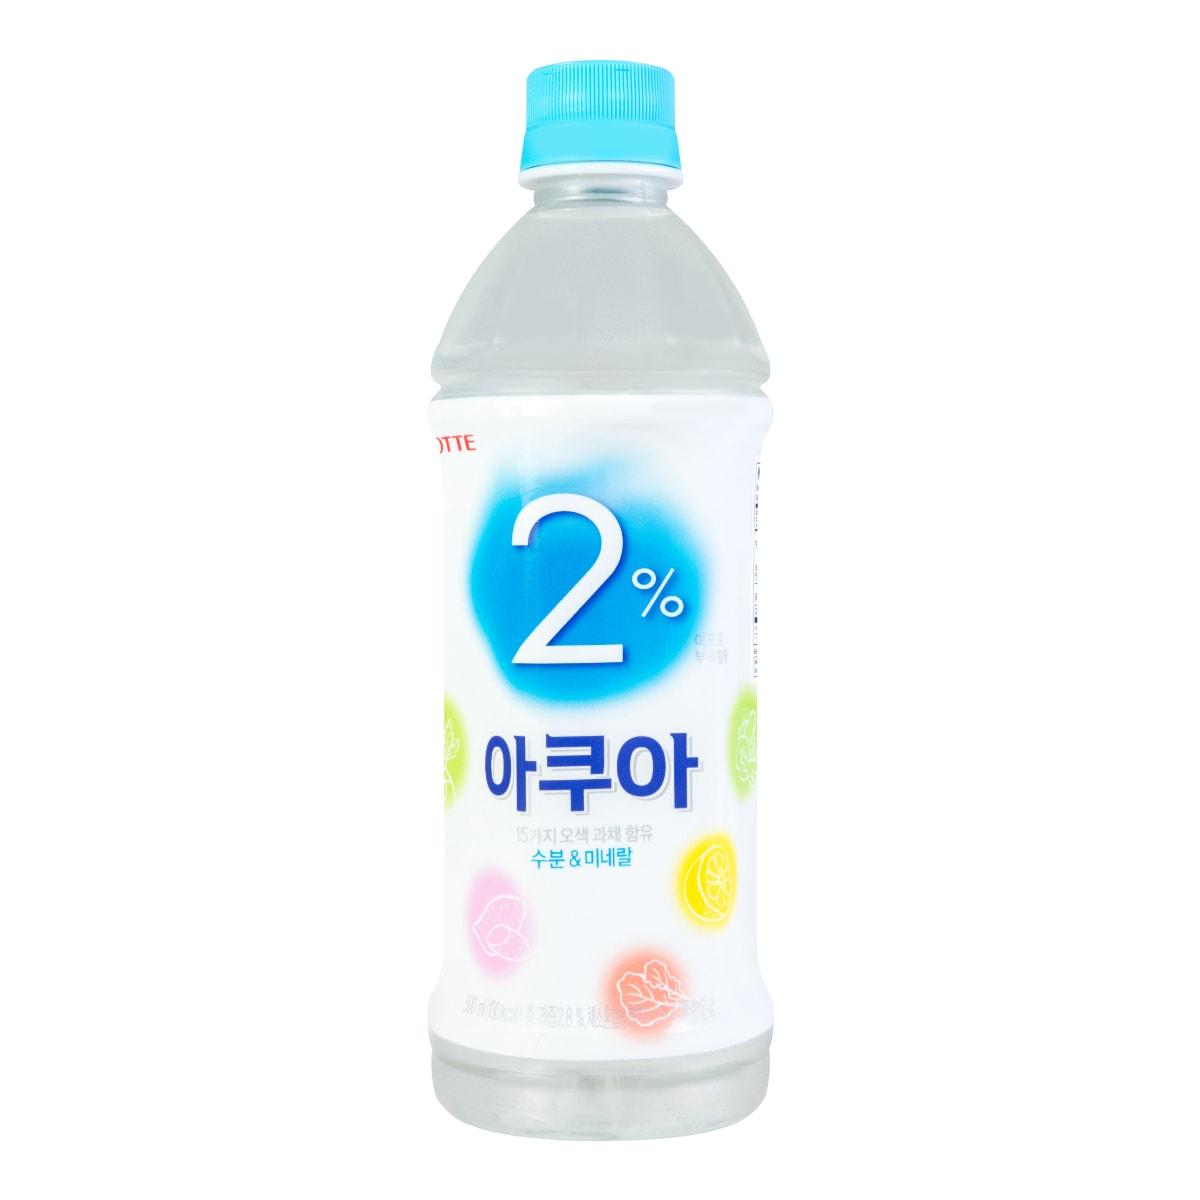 LOTTE 2% Aqua 500ml